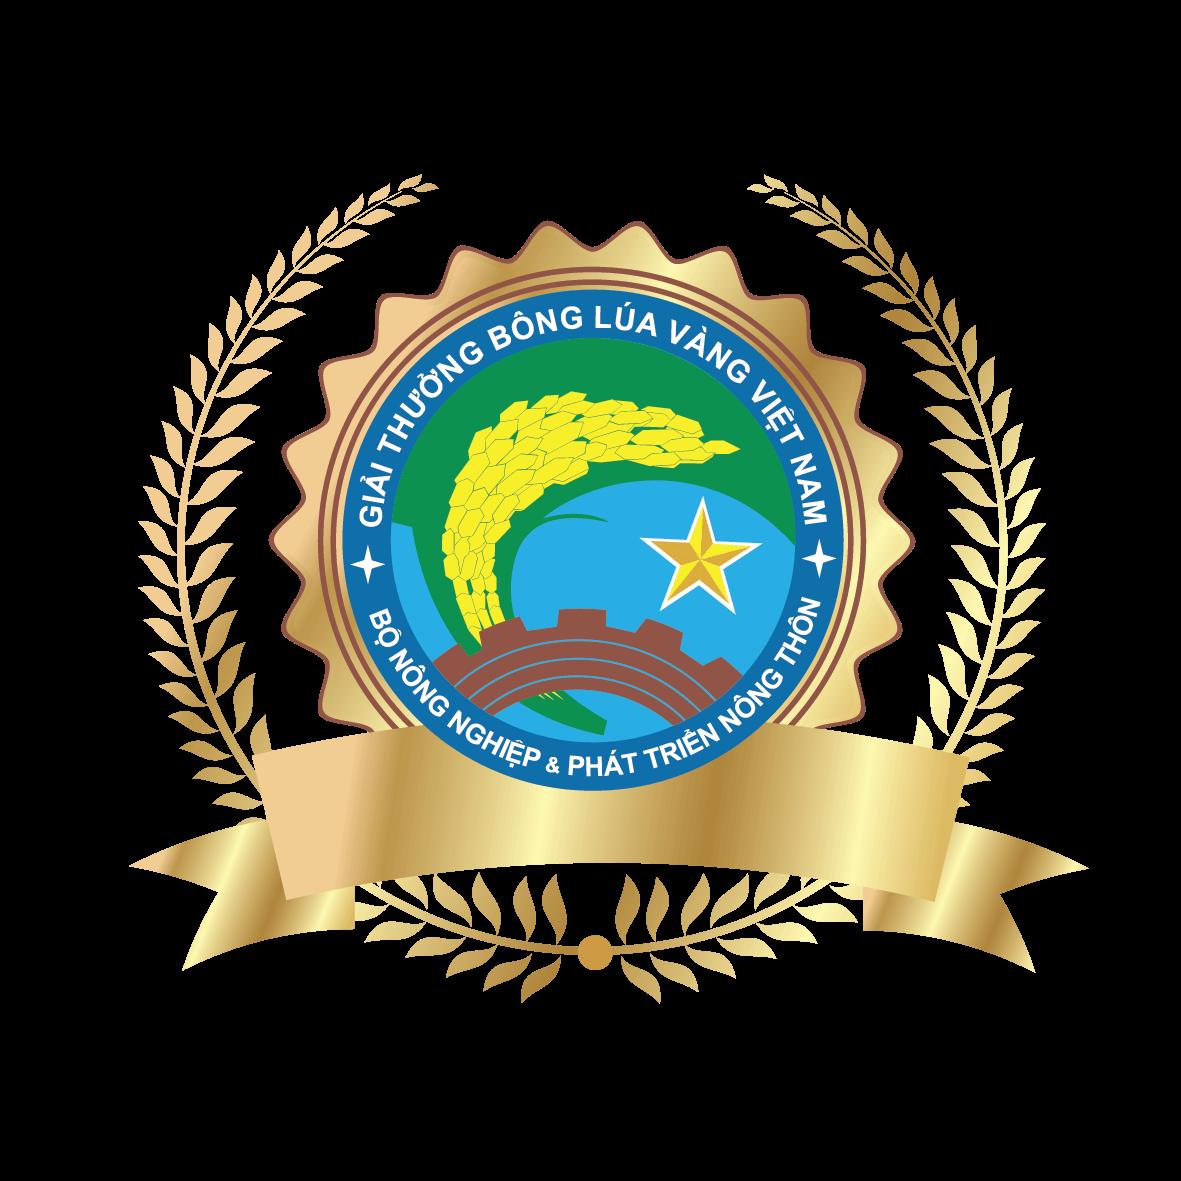 Bông lúa vàng Việt Nam